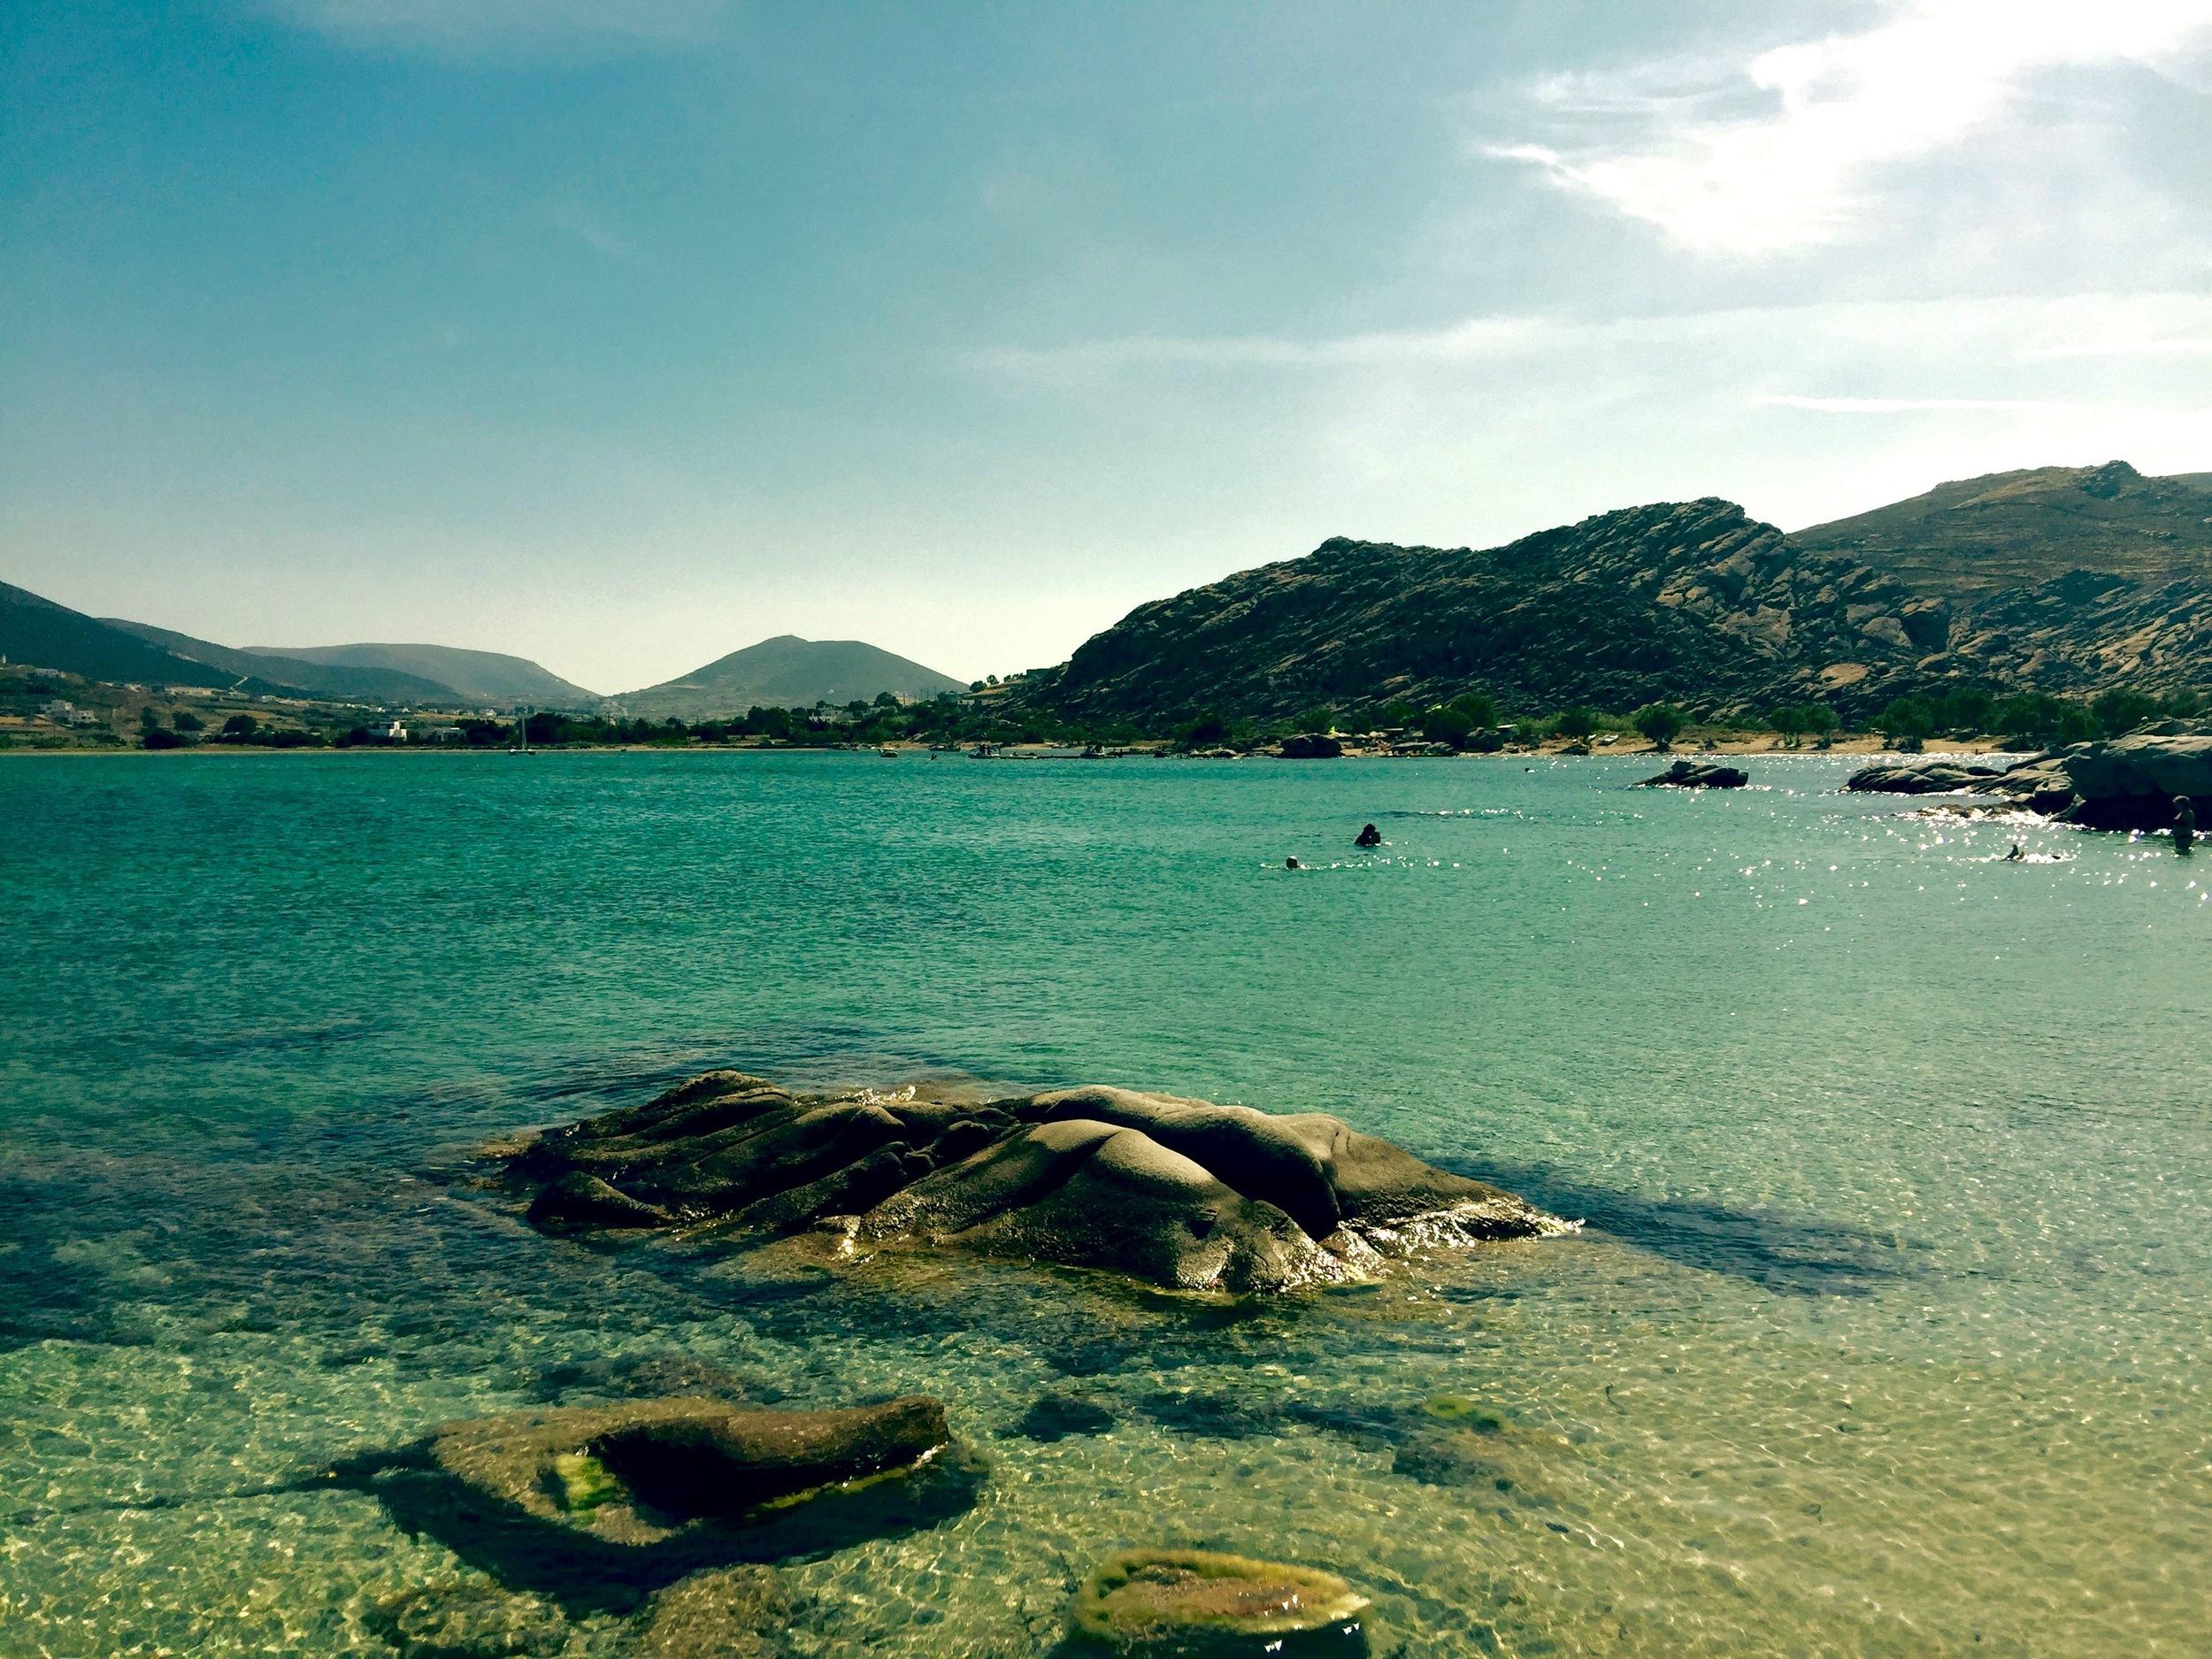 Greek Islands, Greece - 3 Days*